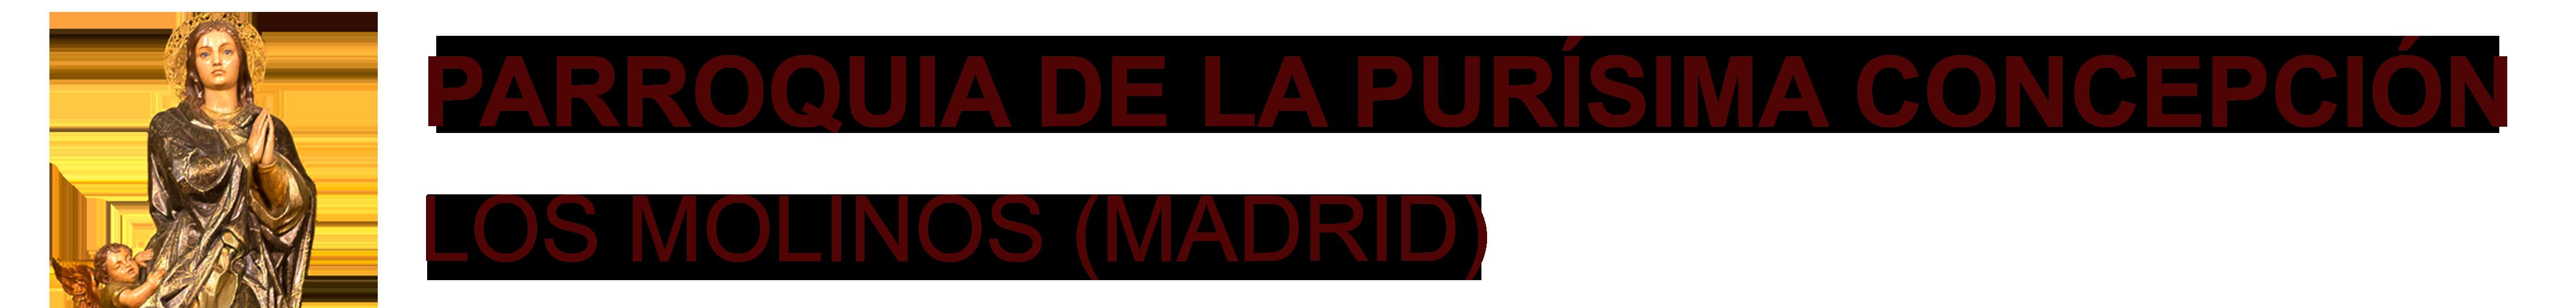 Parroquia Purísima Concepción de Los Molinos (Madrid)